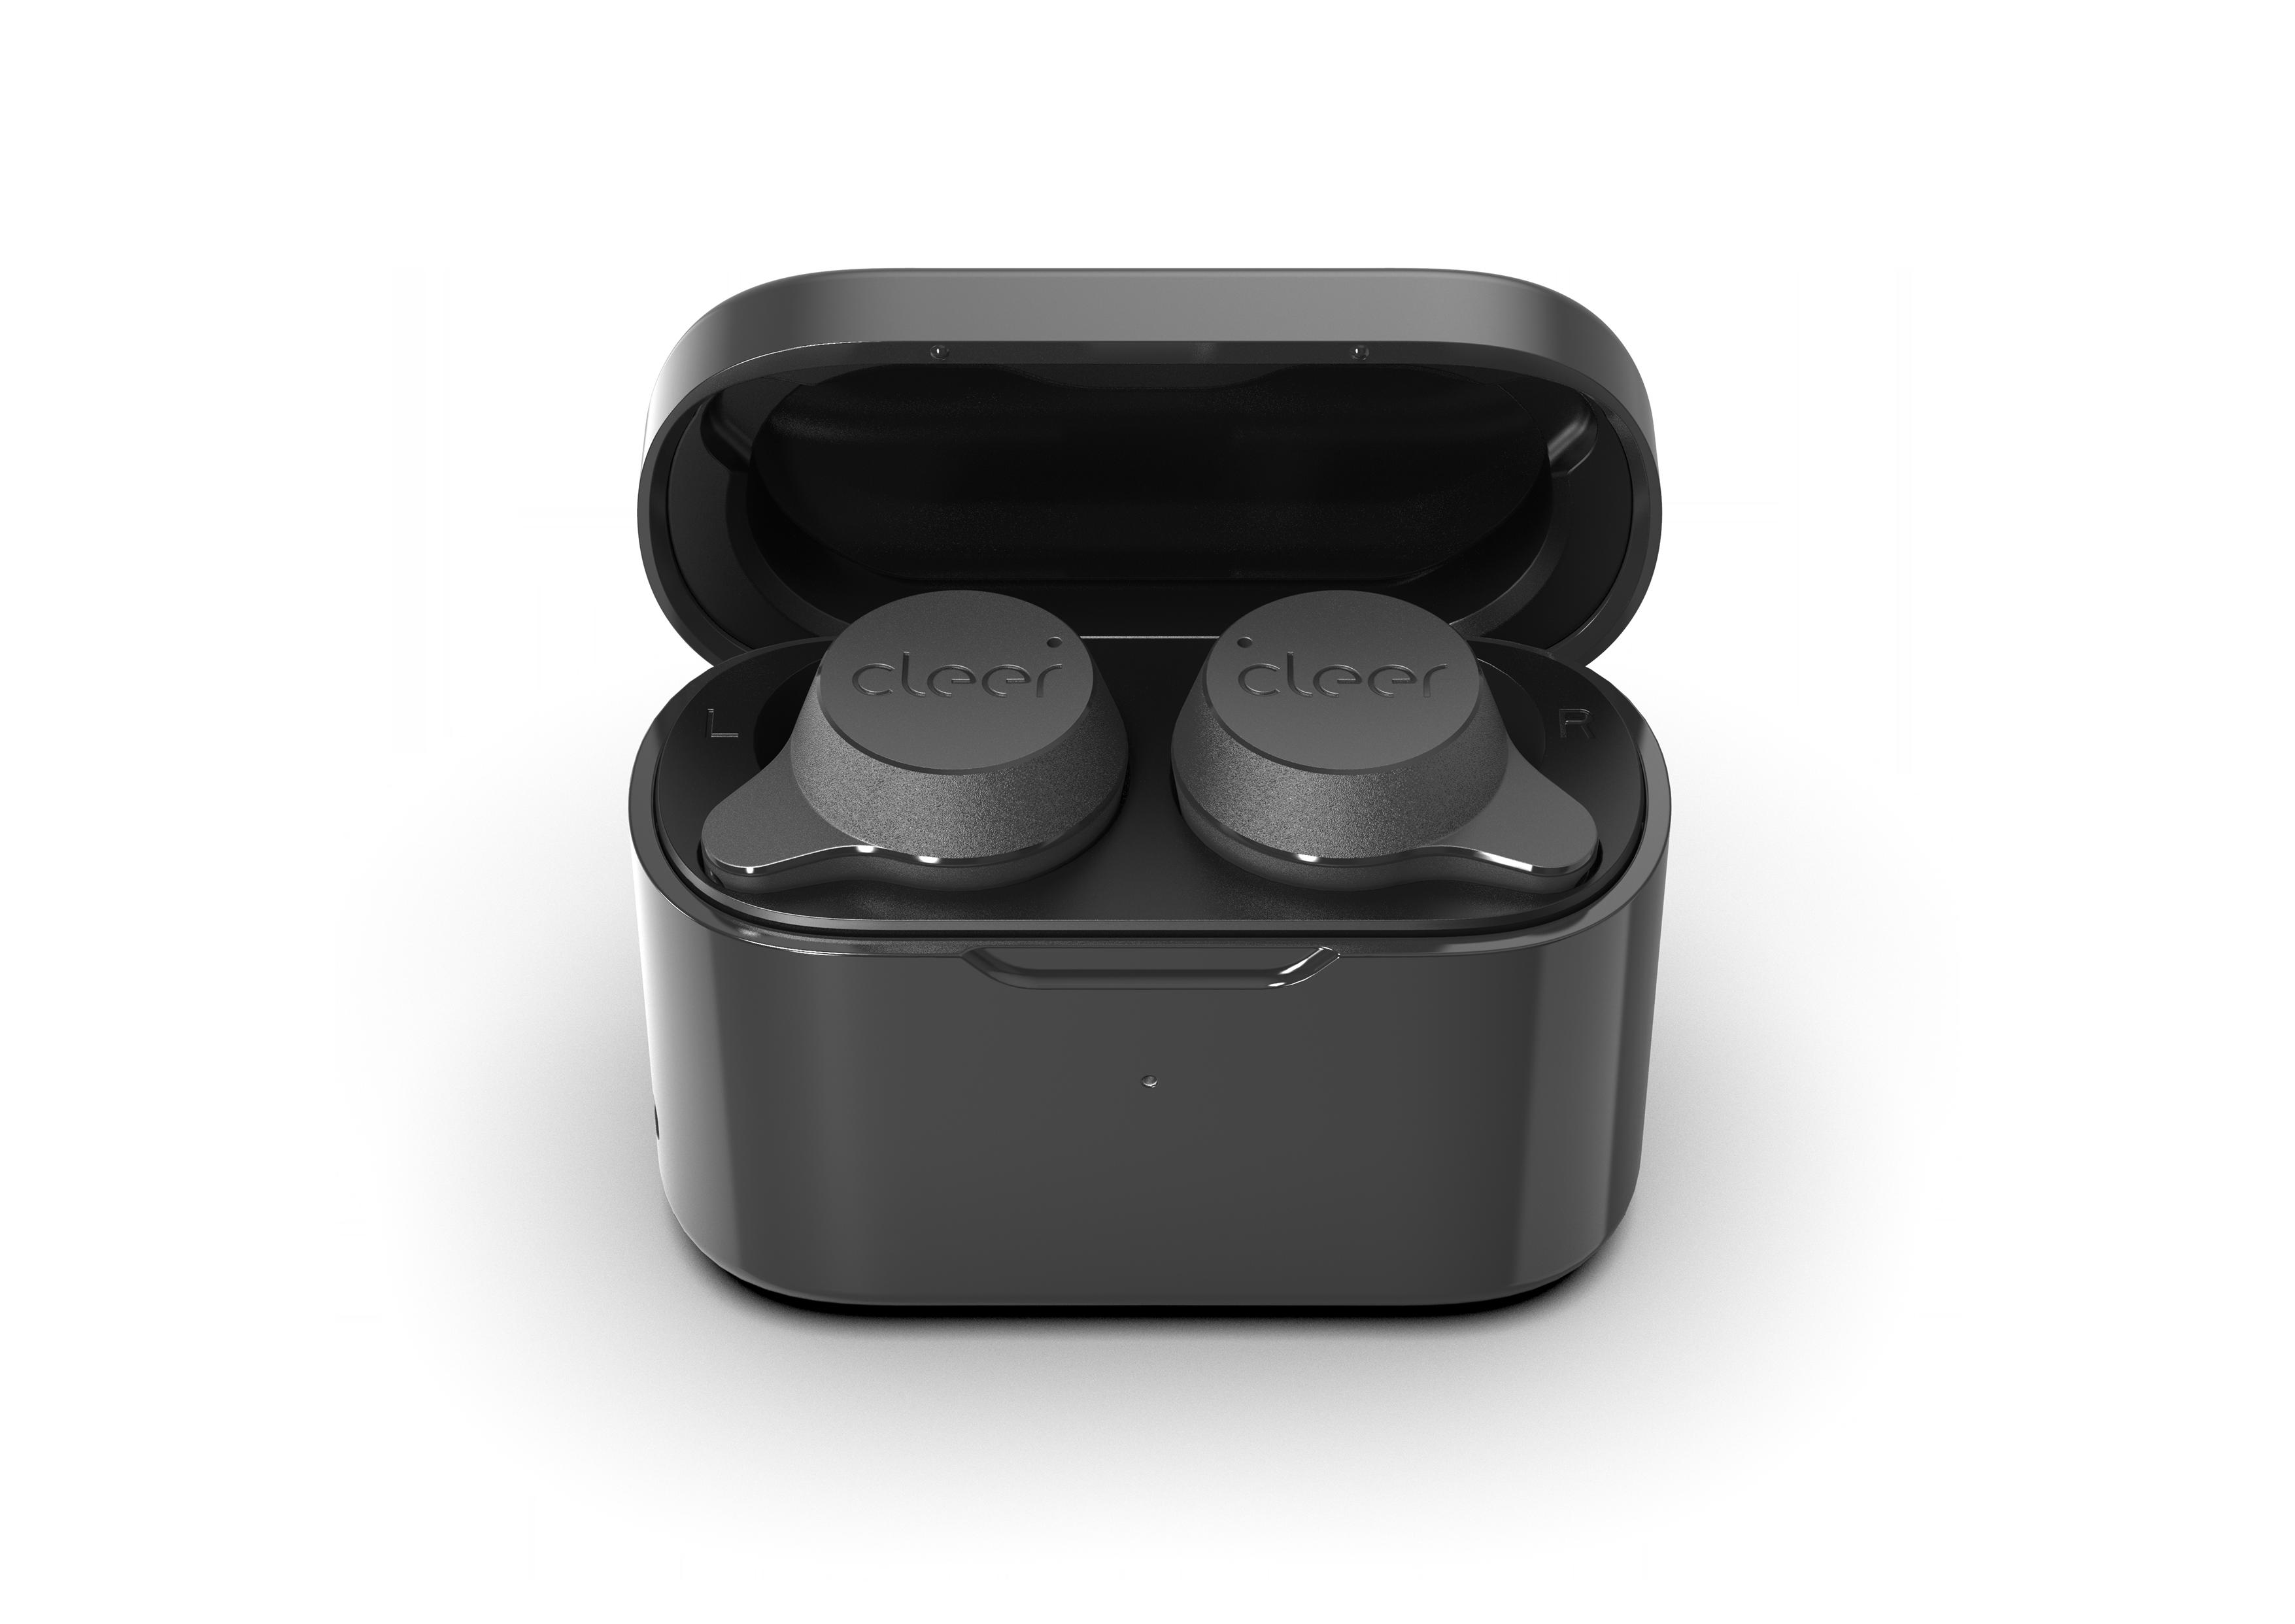 cleer roam nc true wireless earphones